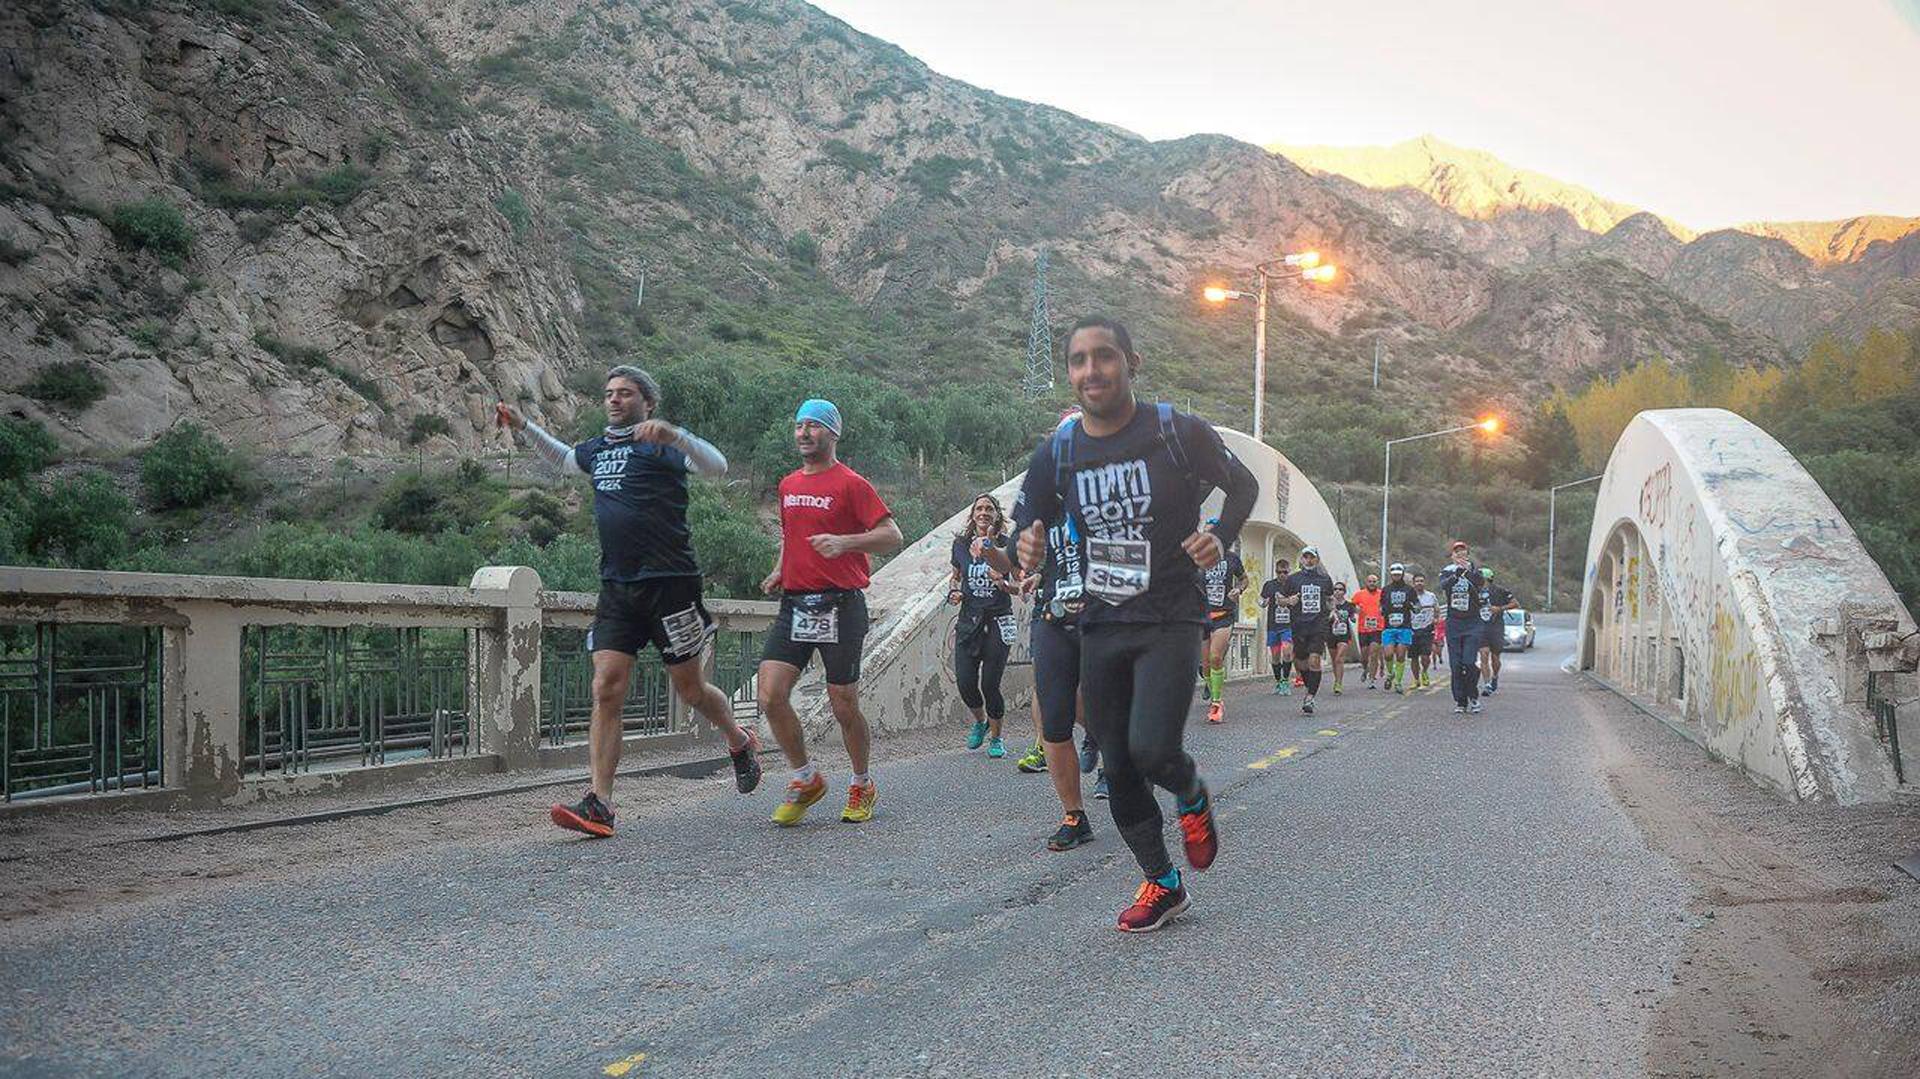 La maratón de Mendoza atrae gran cantidad de atletas internacionales (Facebook: Maratón de Mendoza)